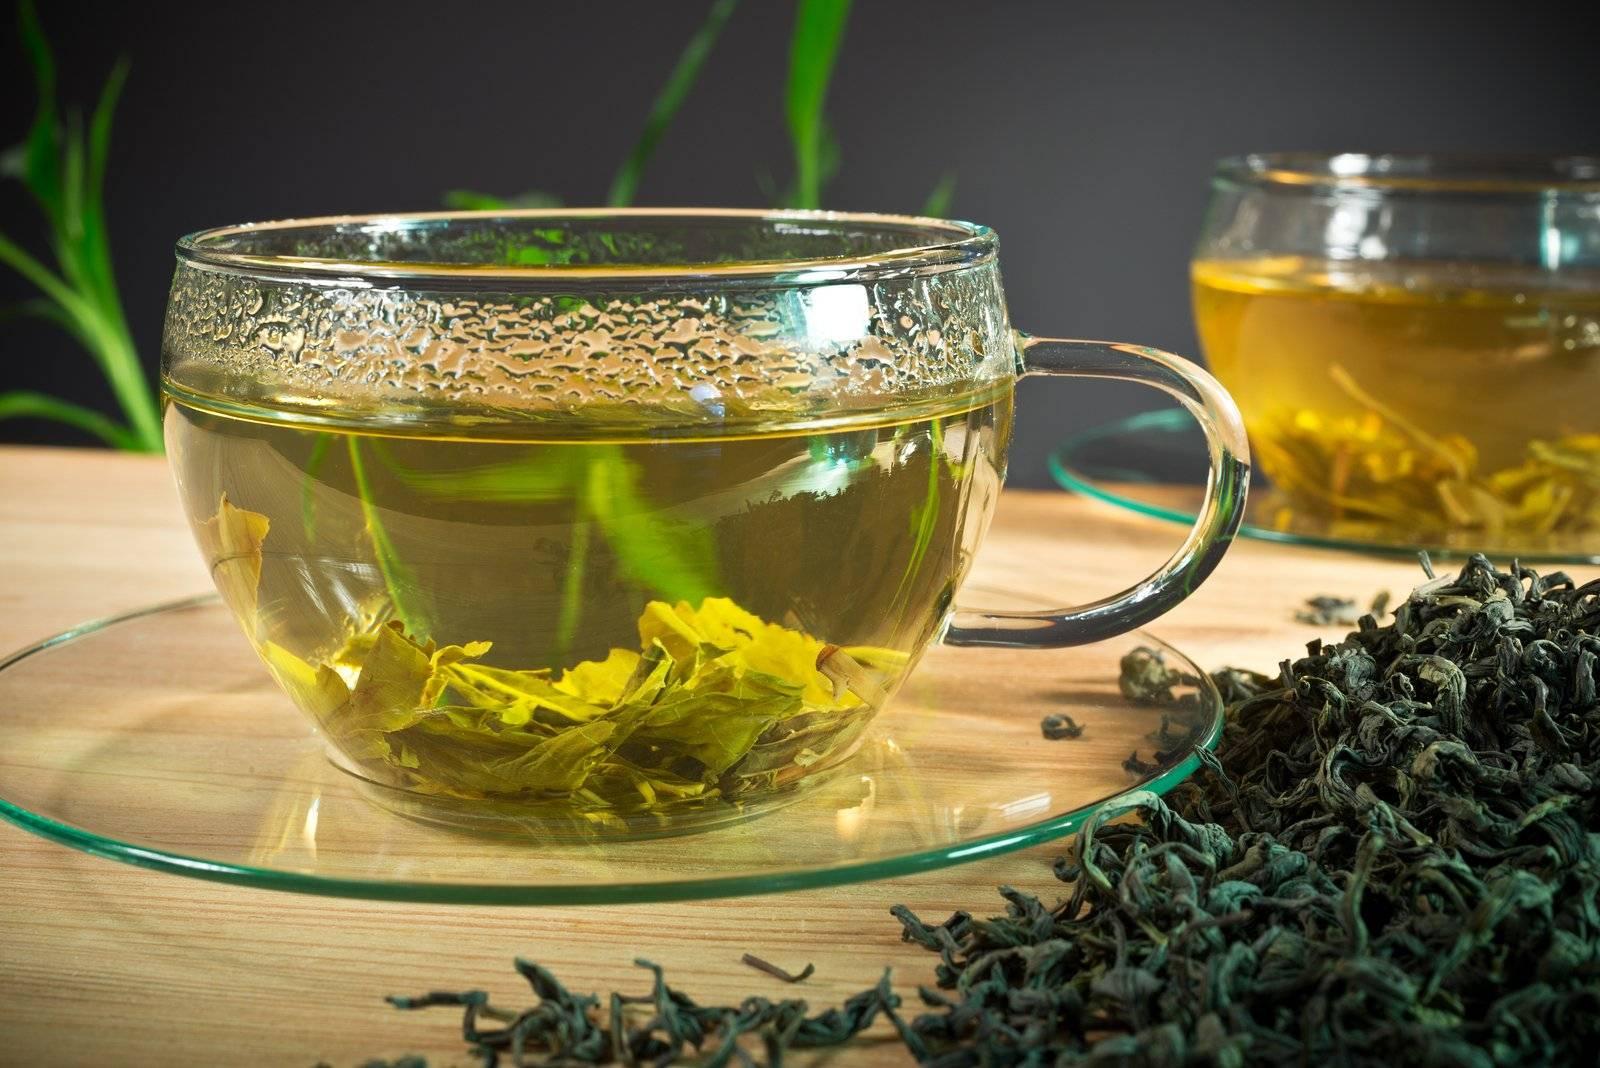 Турецкий чай догус: из чего состоит сбор, полезные свойства, кому показан, виды, правила заваривания